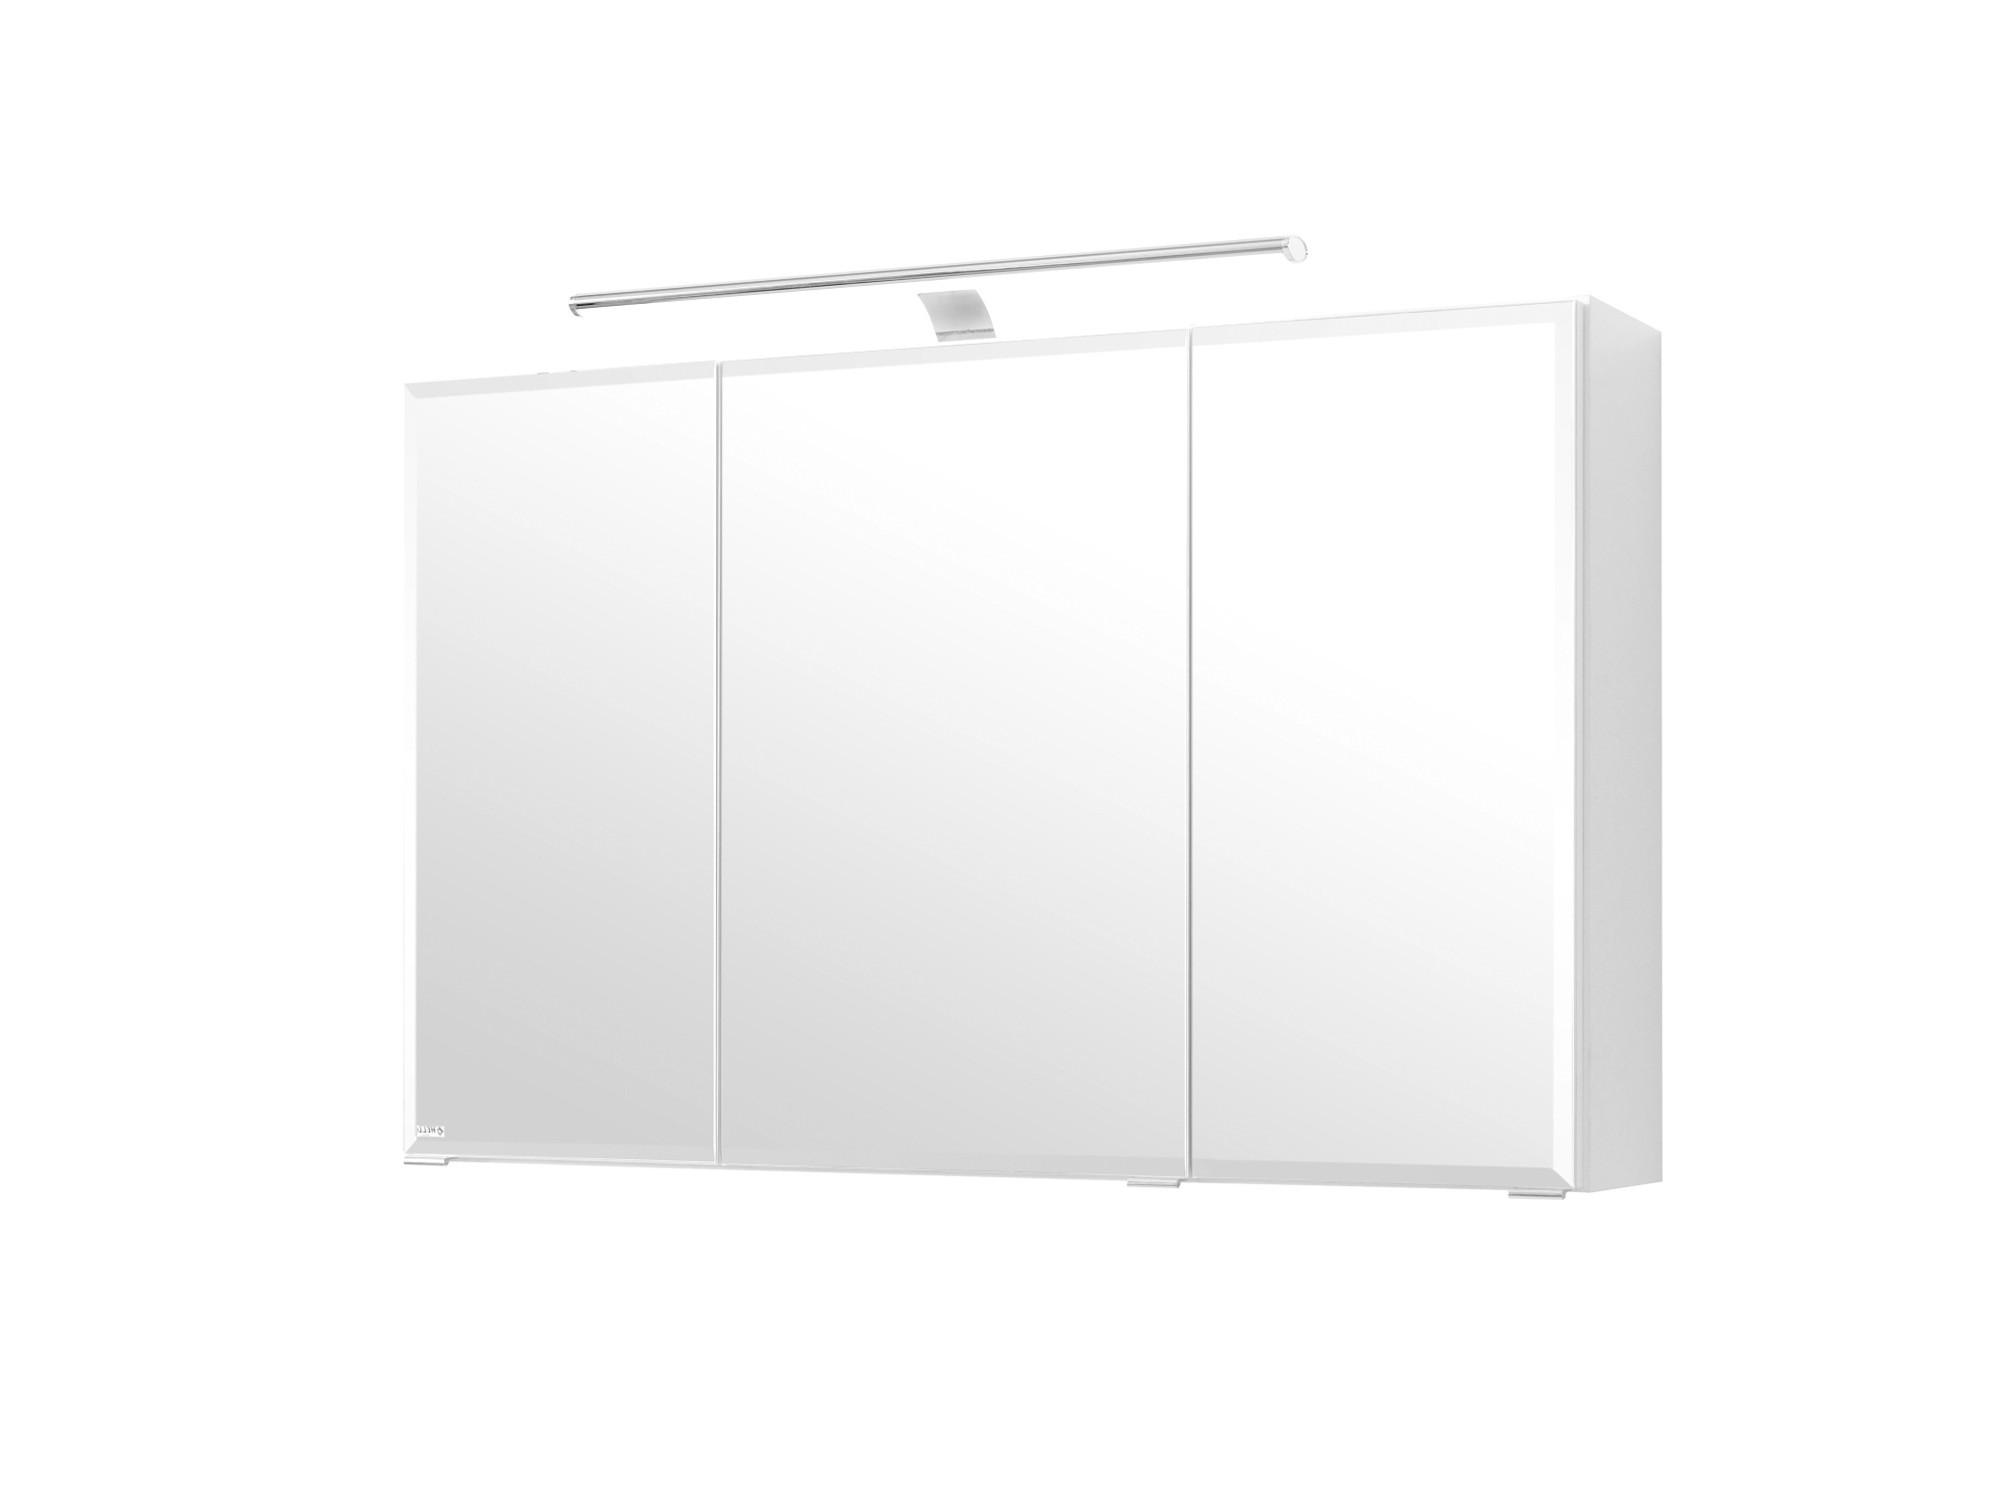 Bad spiegelschrank 3 t rig mit led aufbauleuchte 100 for Spiegelschrank 100 cm led